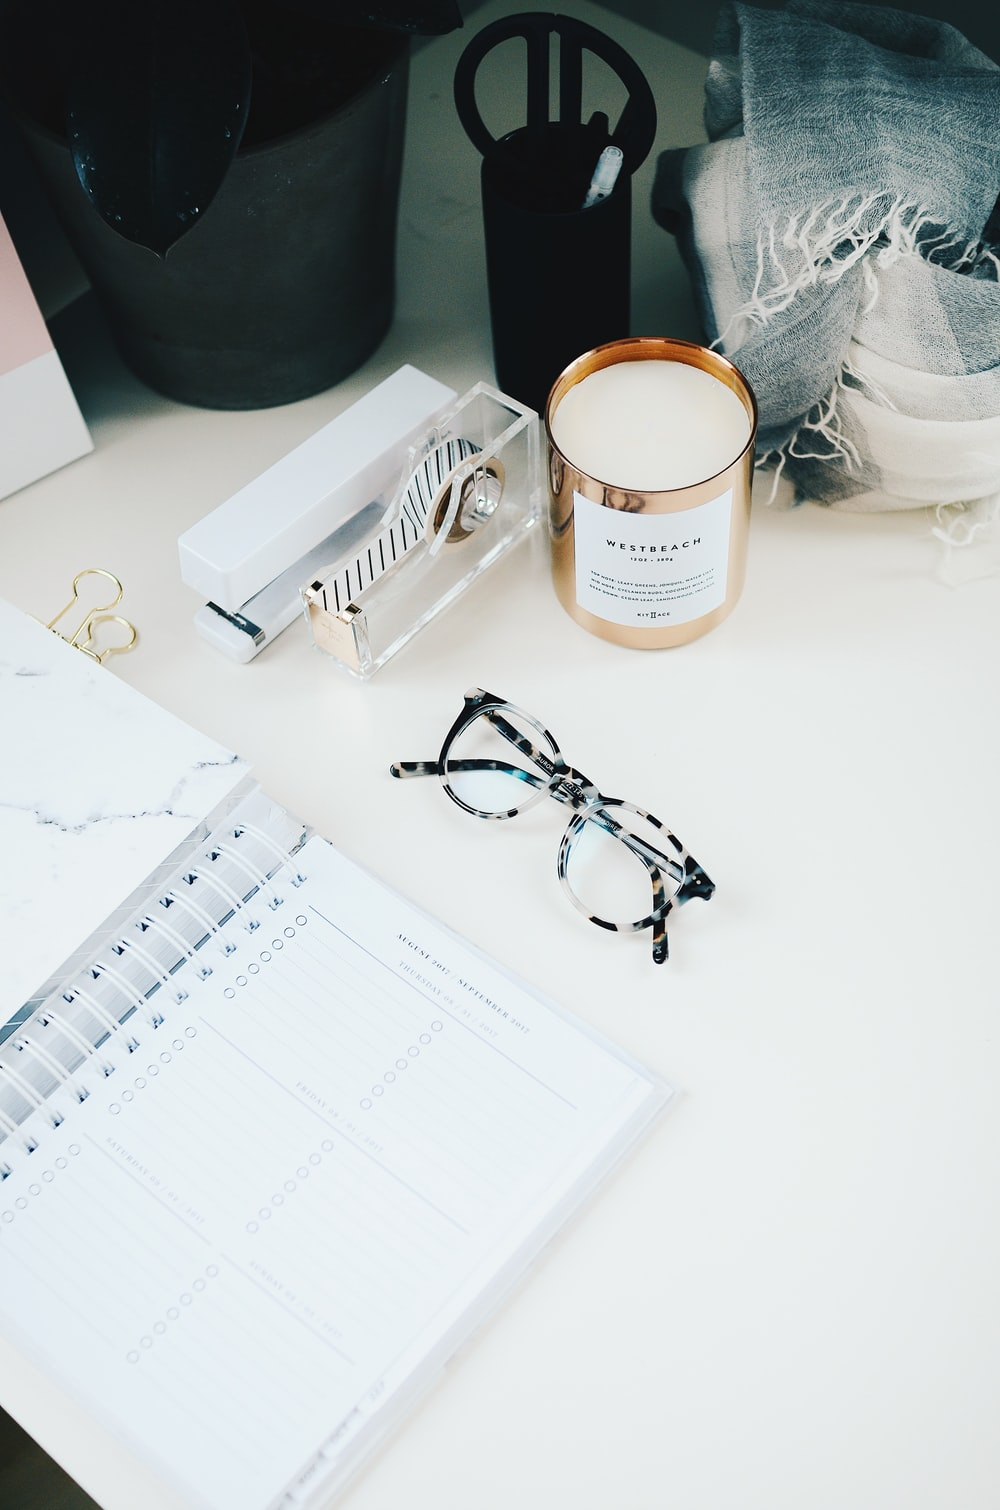 black framed eyeglasses beside spiral notebook